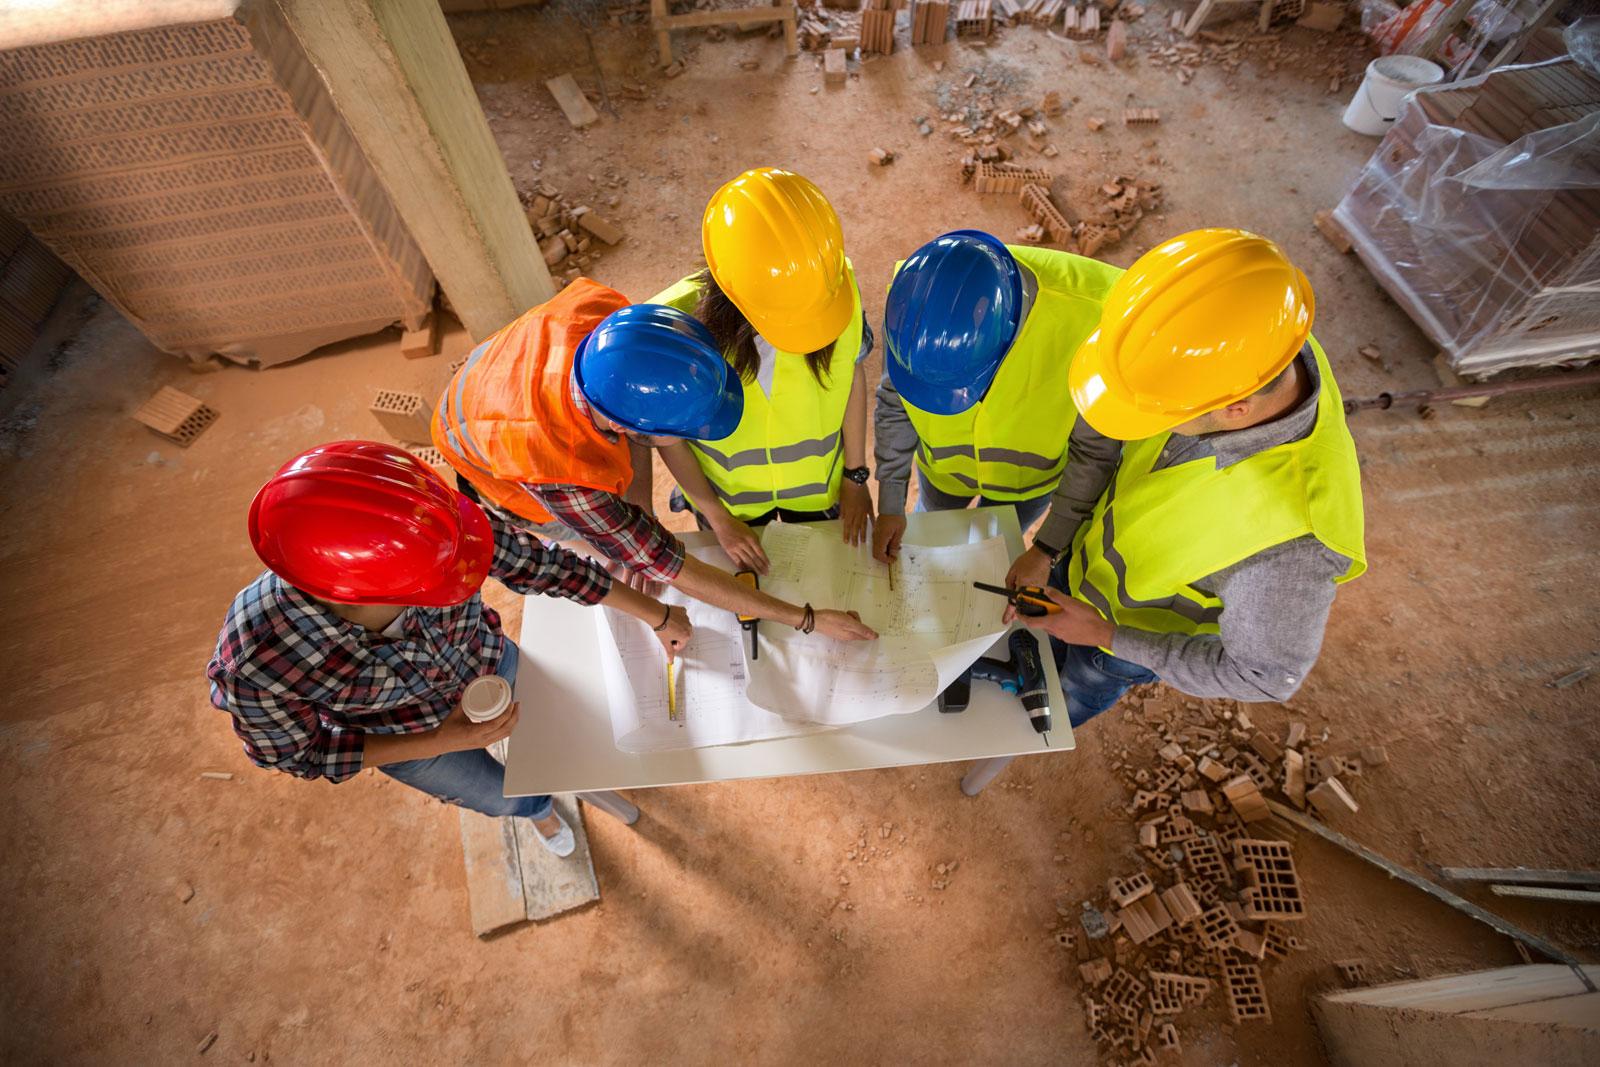 ارائه سیستم ها و راه حل های ایمنی در محیط کار